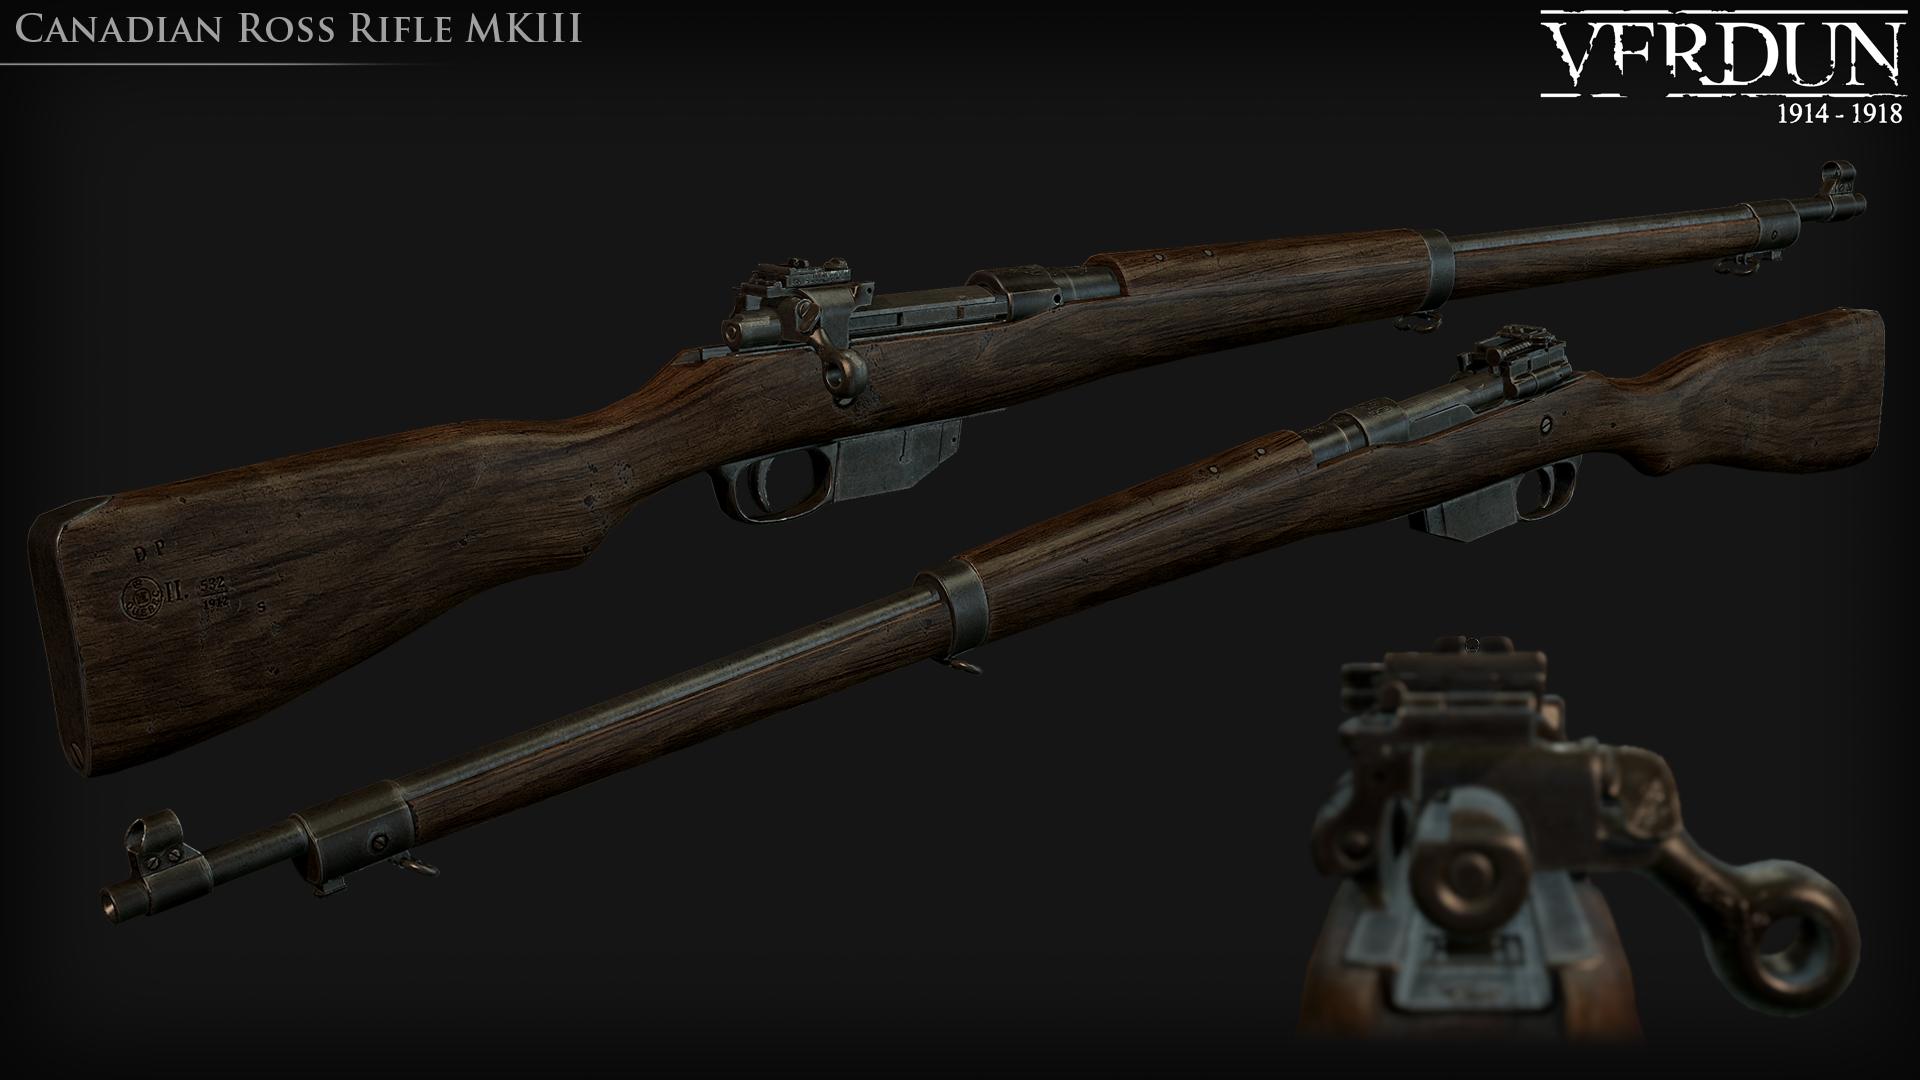 Verdun Ross rifle